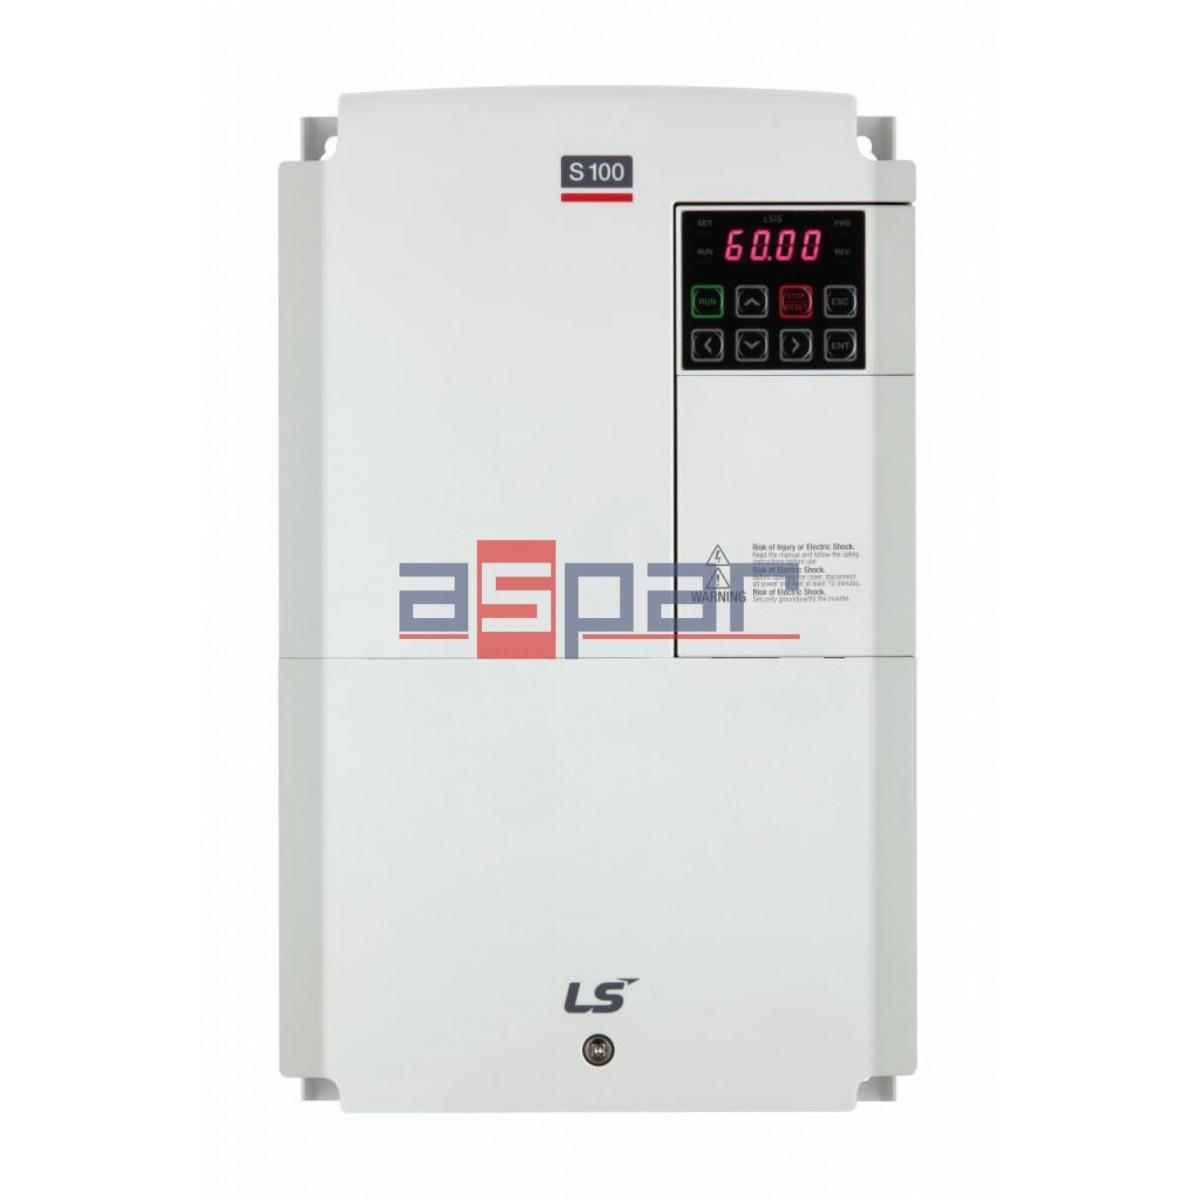 LSLV0220S100-4EOFNM - 22kW, 3~